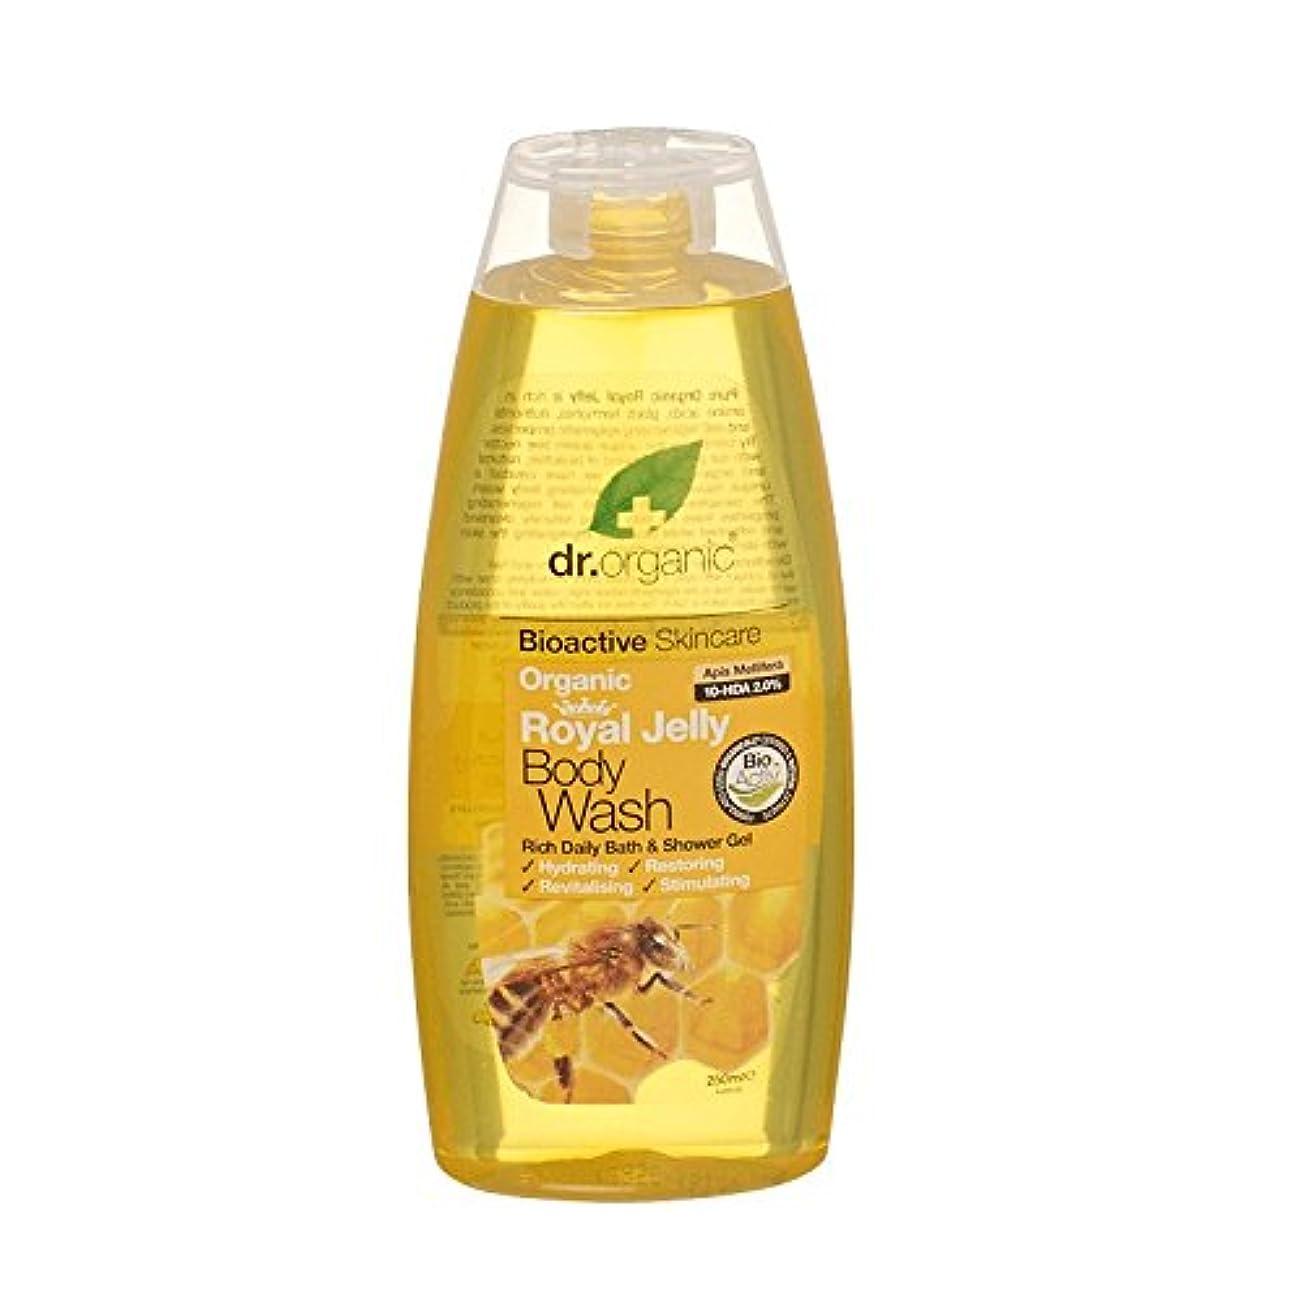 降下釈義スモッグDr Organic Royal Jelly Body Wash (Pack of 2) - Dr有機ローヤルゼリーボディウォッシュ (x2) [並行輸入品]